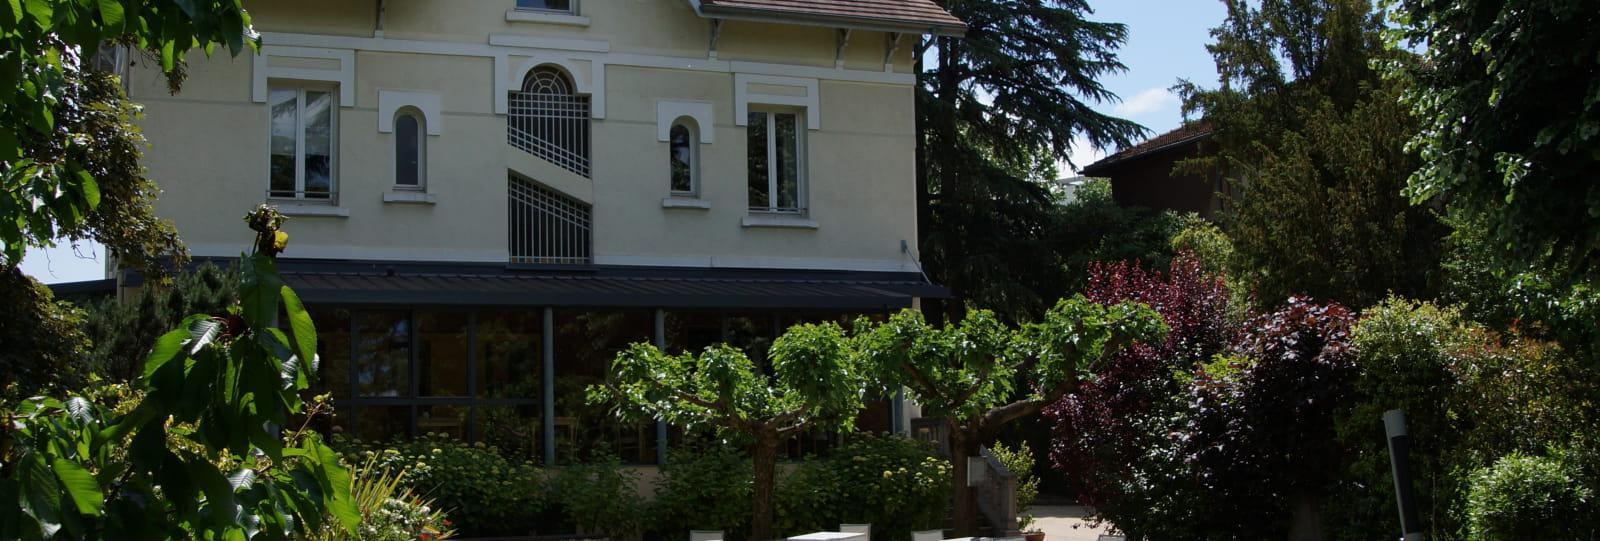 Hôtel l'Orée du Parc